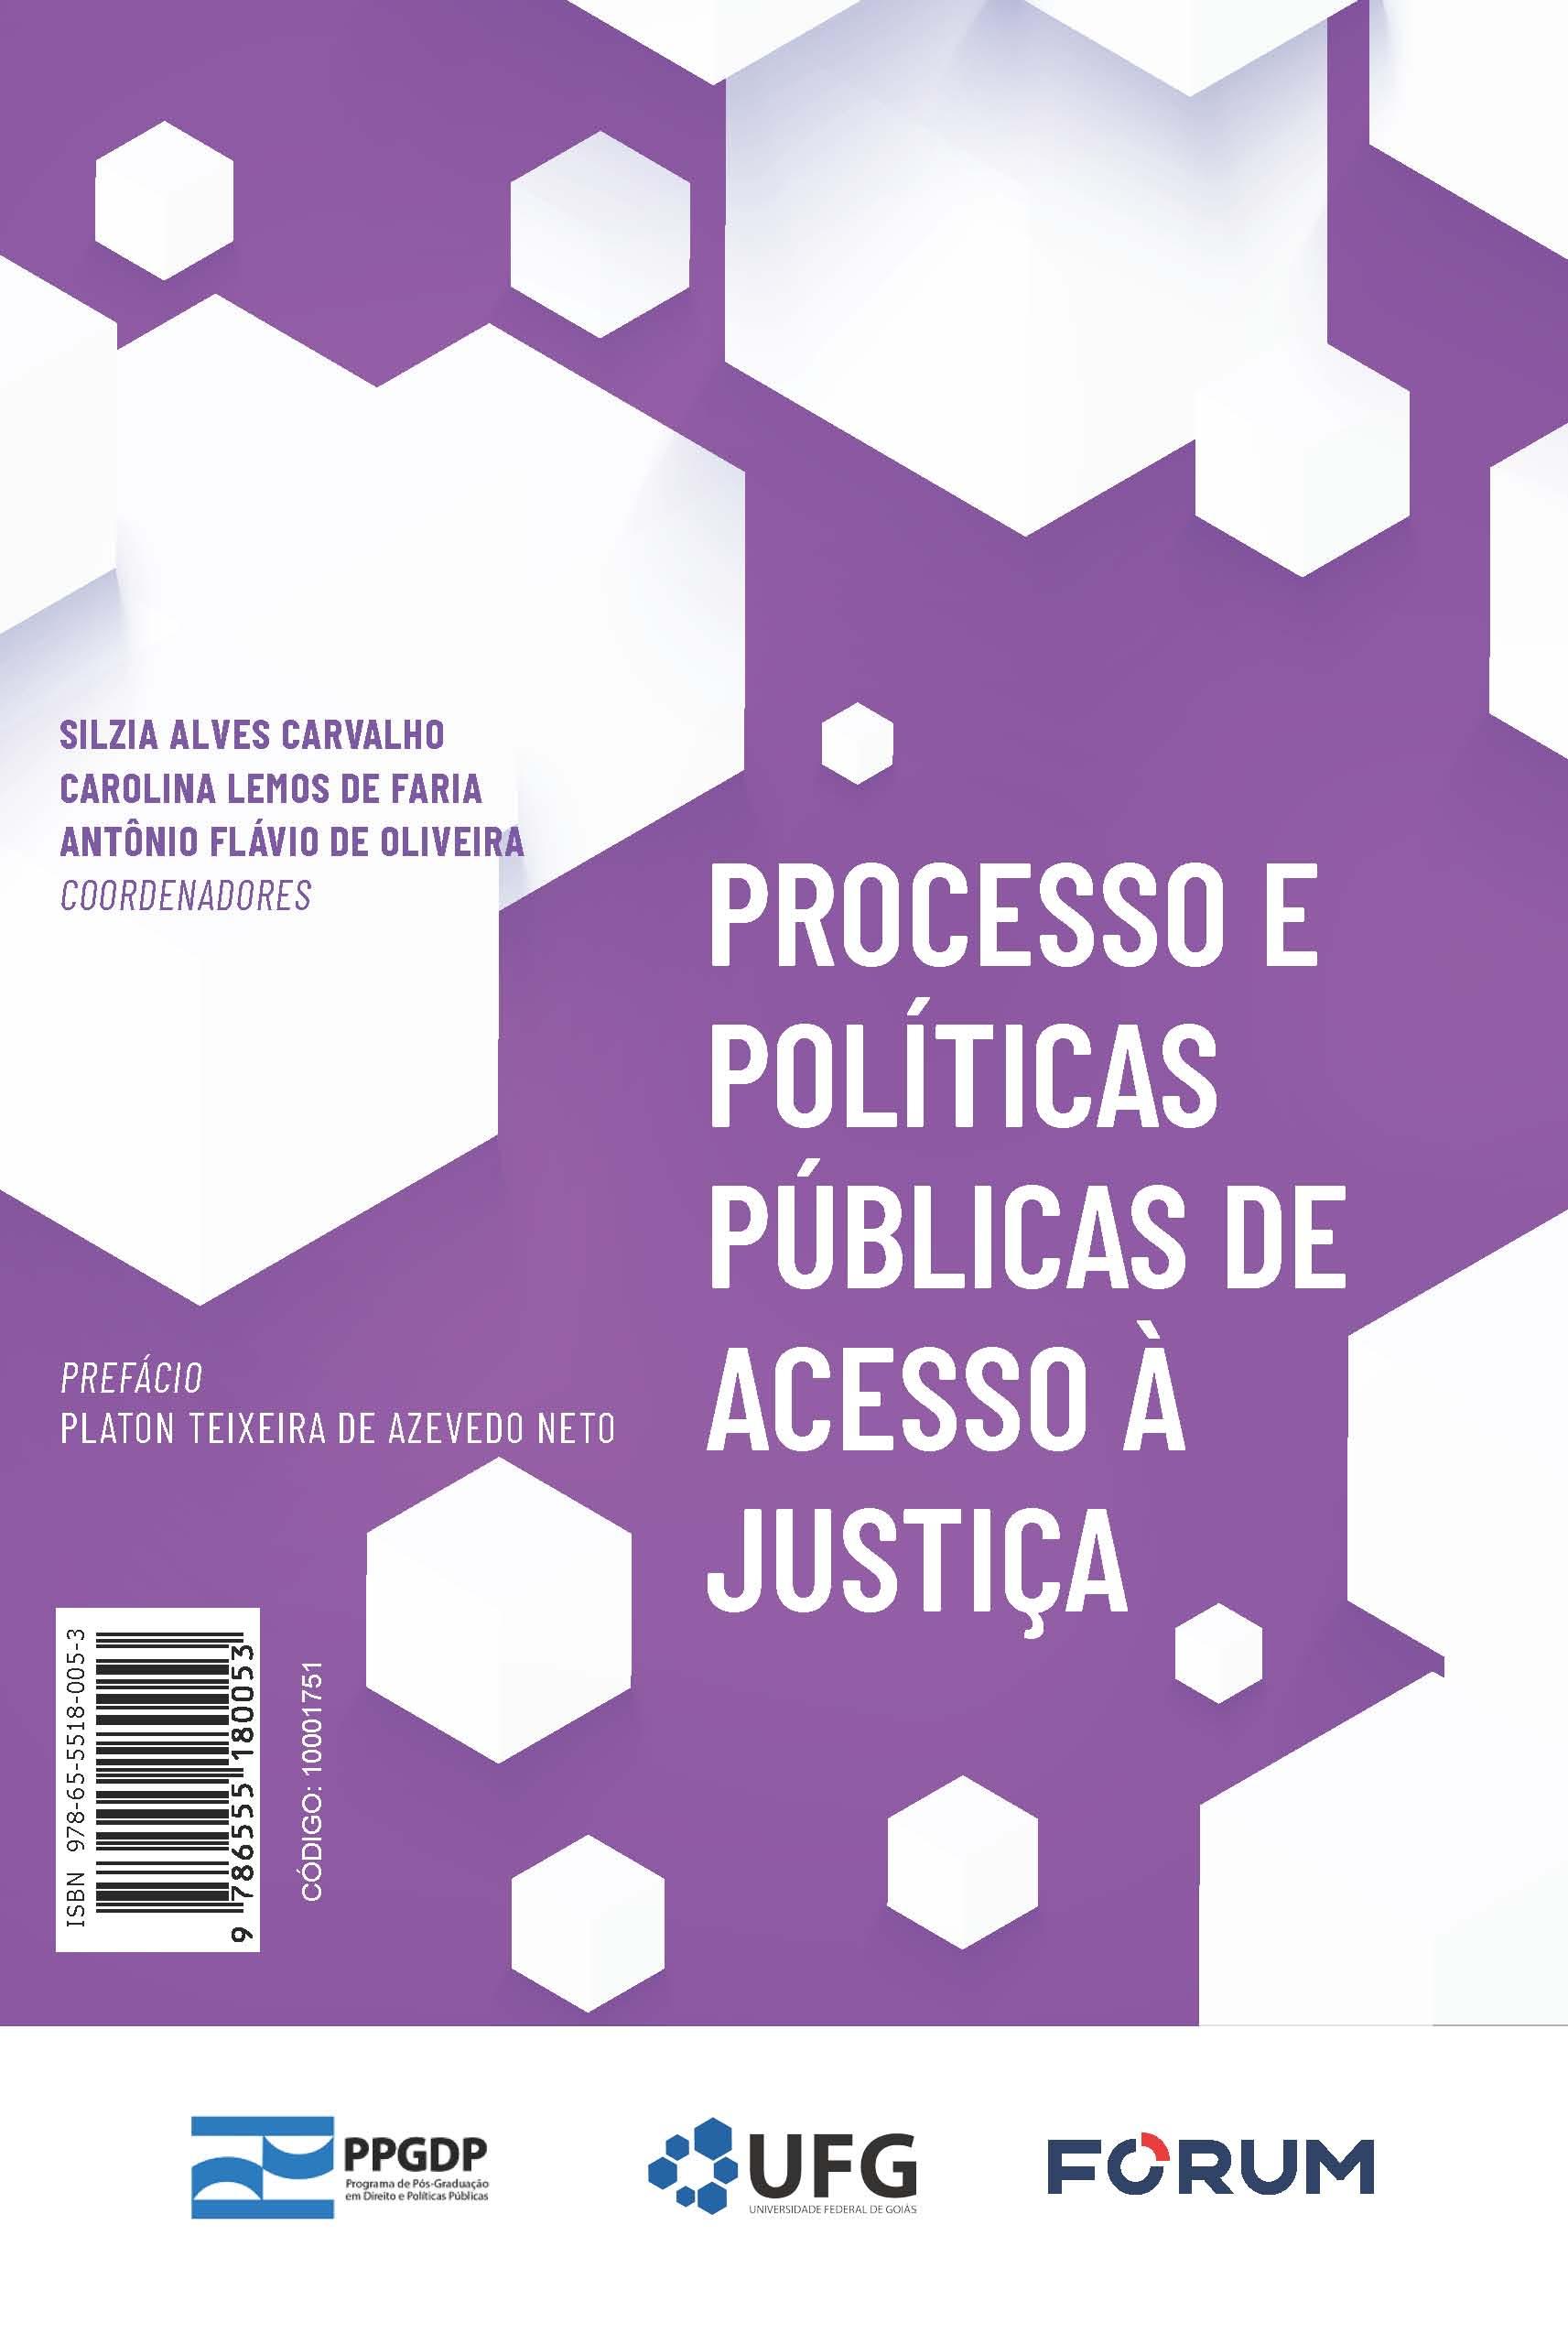 Processo e Políticas Públicas de Acesso à Justiça